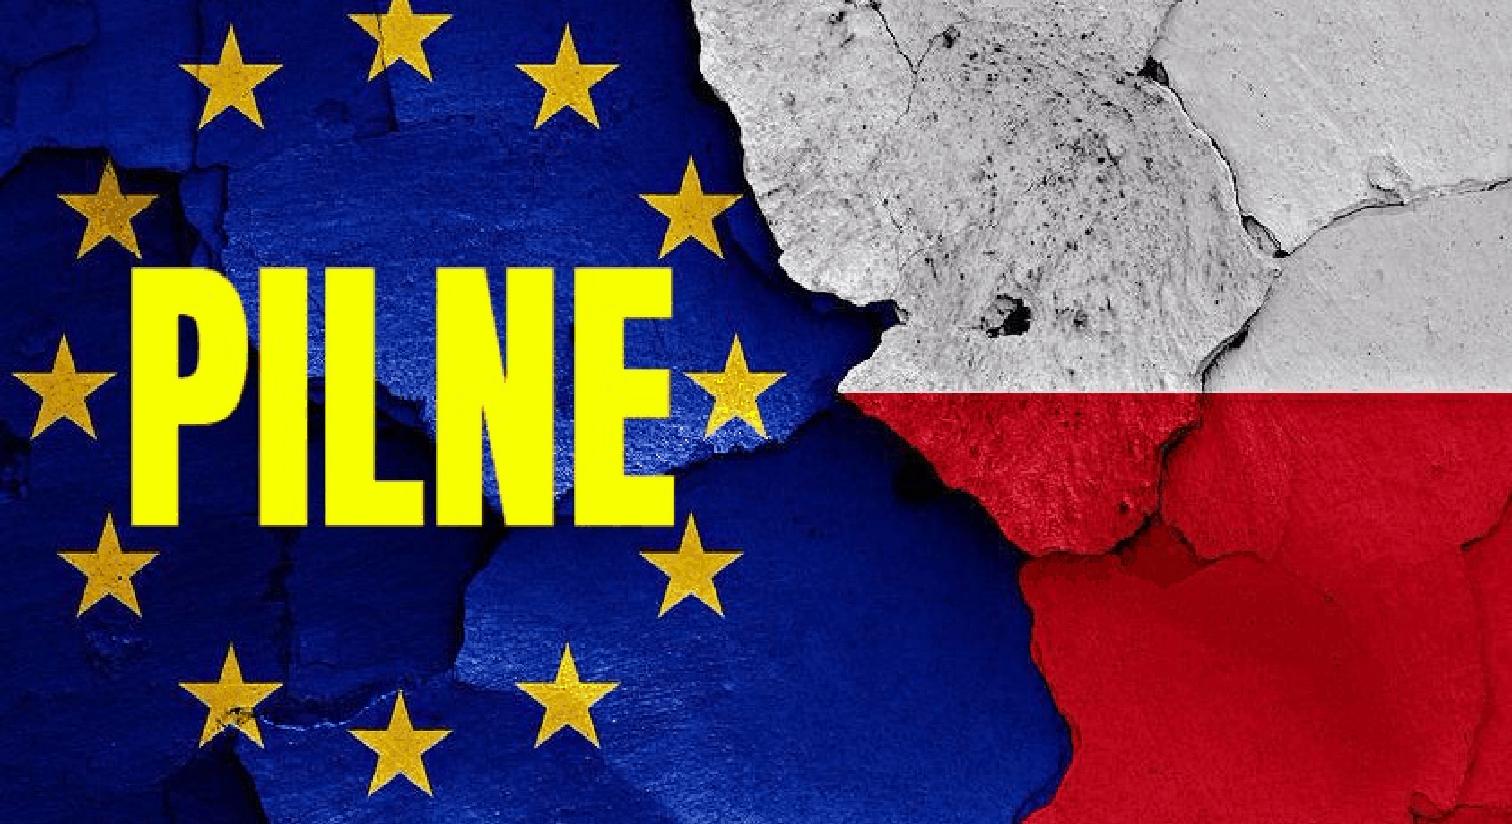 Blisko połowa Polaków uważa, że Polska mogłaby rozwijać się lepiej, lecz poza strukturami Unii Europejskiej (UE). Czyżby PolExit miał się zrealizować?